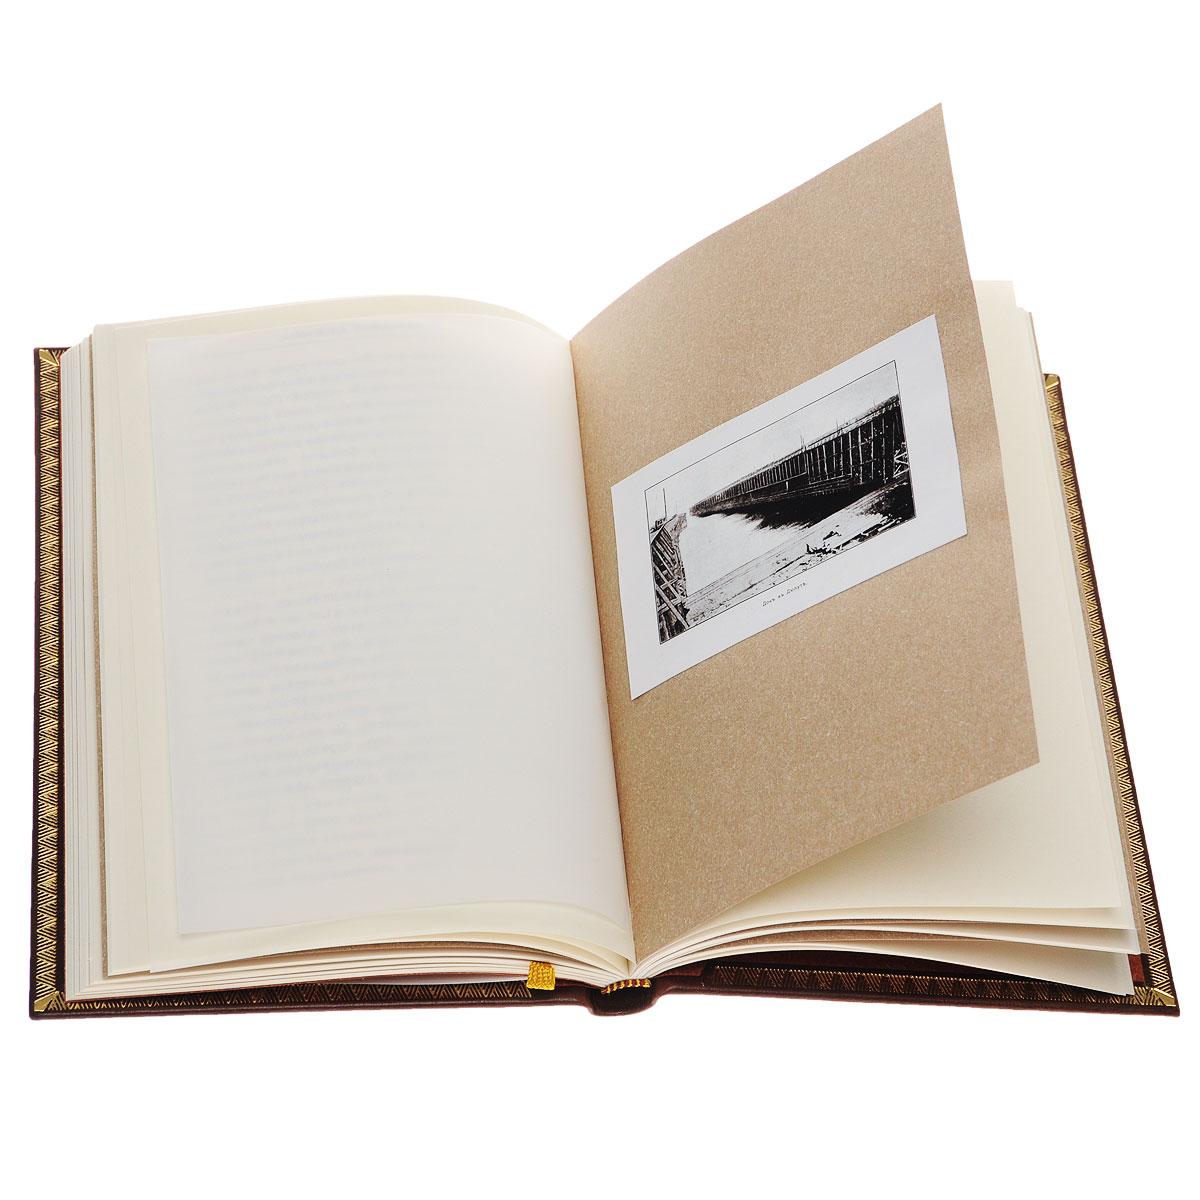 Джон Рокфеллер. Мемуары (подарочное издание)